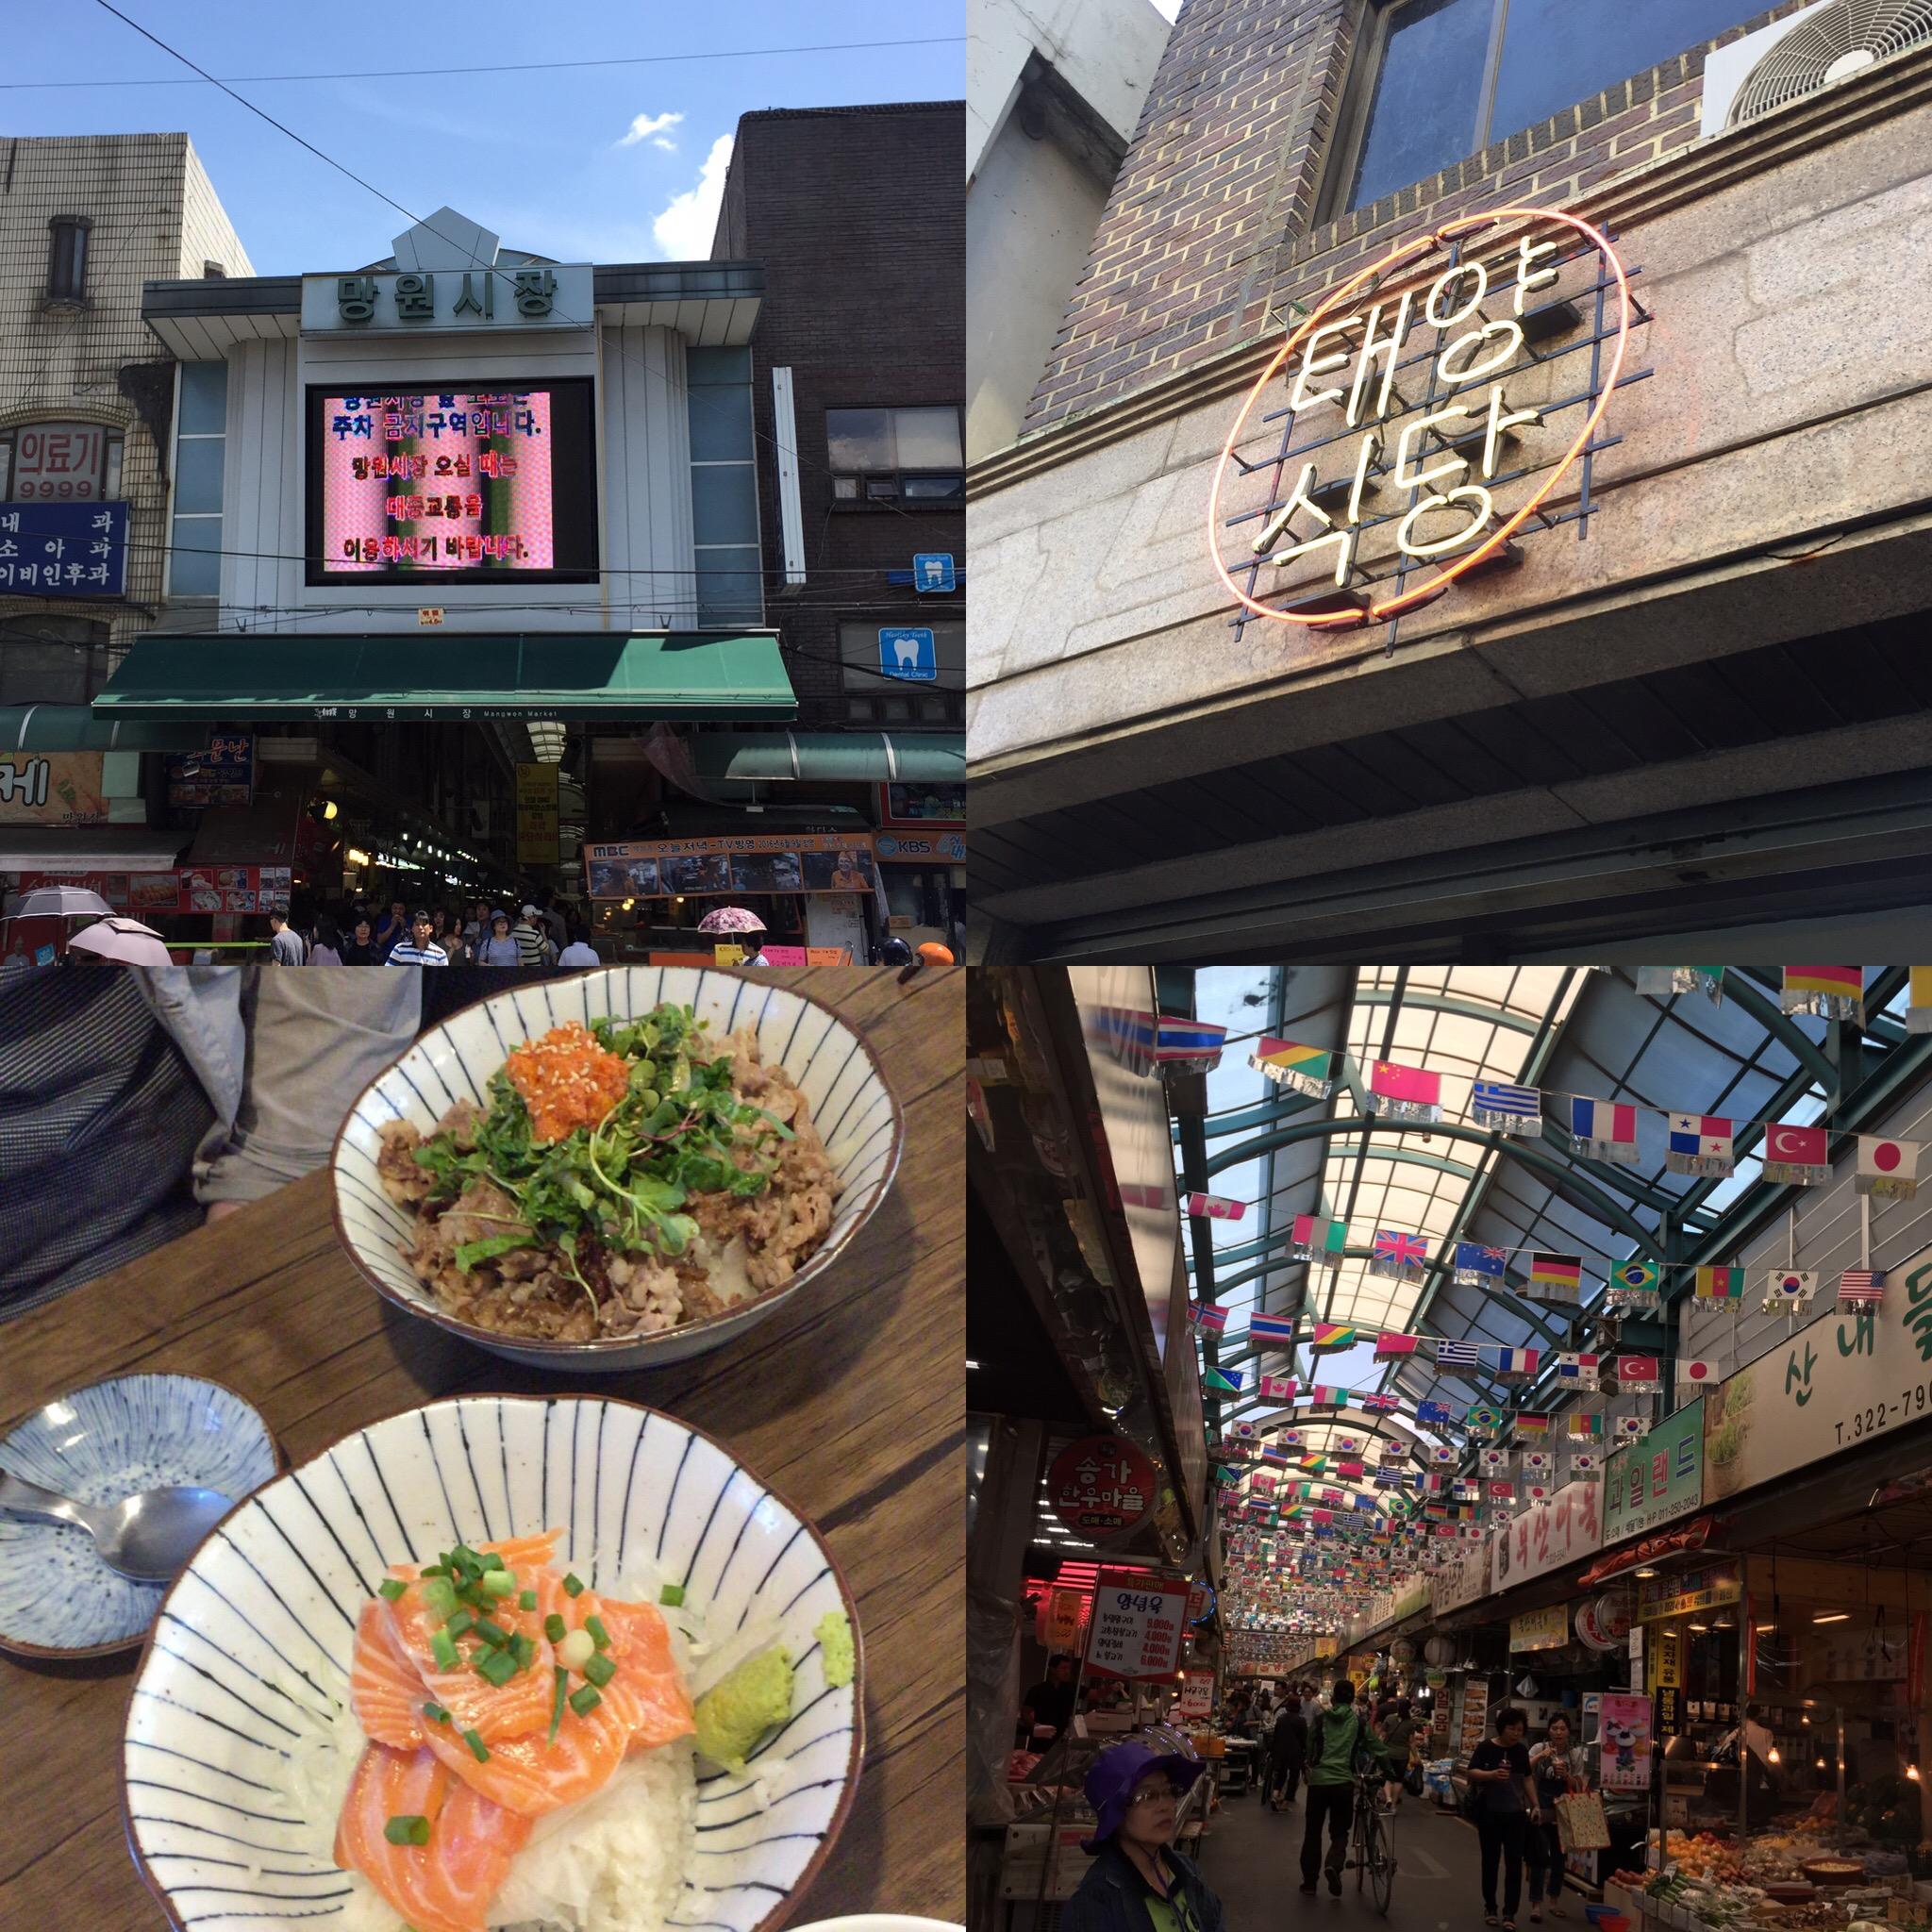 ソウル・西部にある、食べ歩き天国☆望遠市場とおしゃれなカフェレストラン巡りをしていきました^^